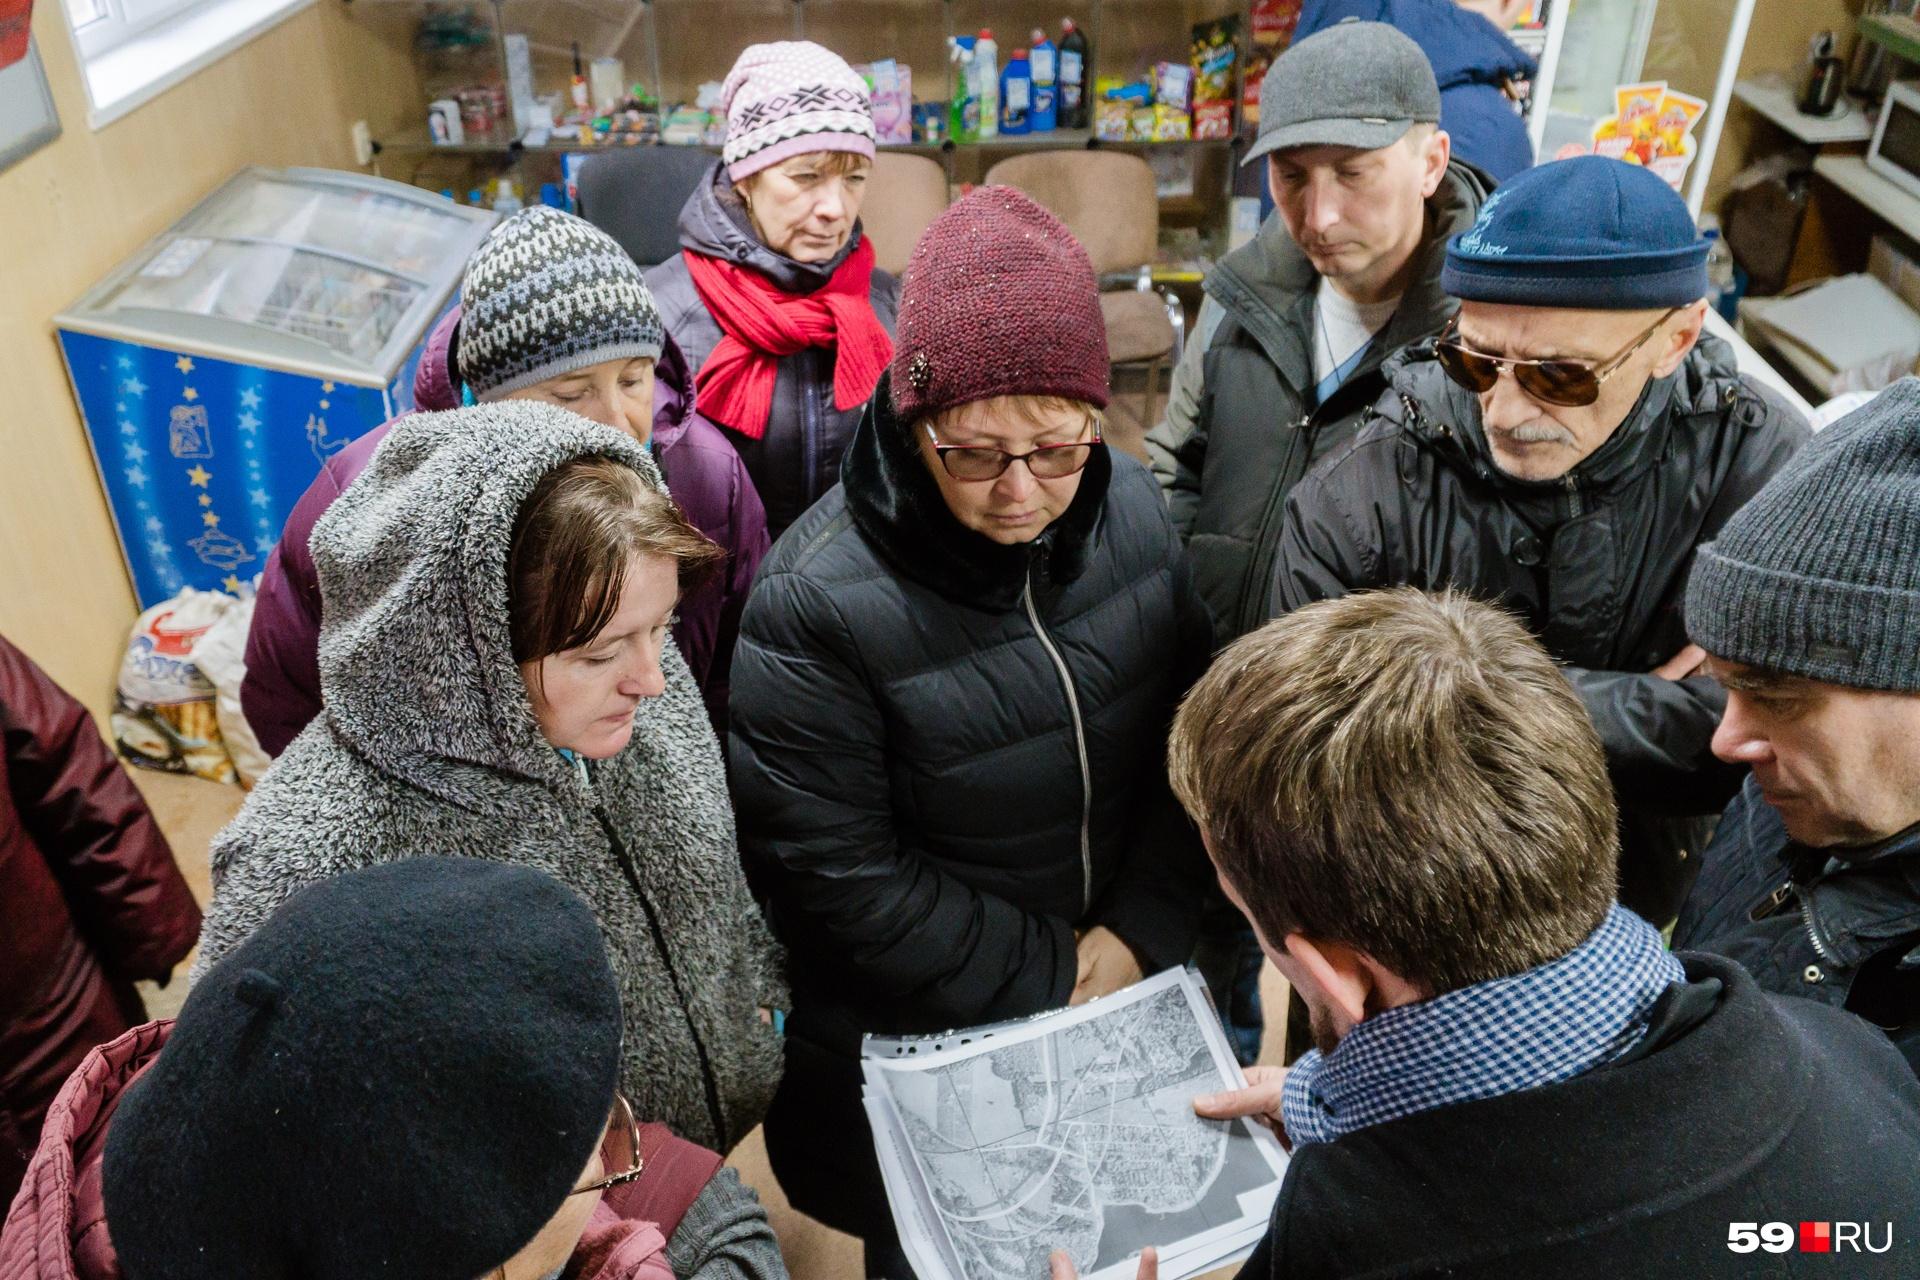 В магазине Заозерья корреспондентов 59.ru встретили более десятка местных жителей